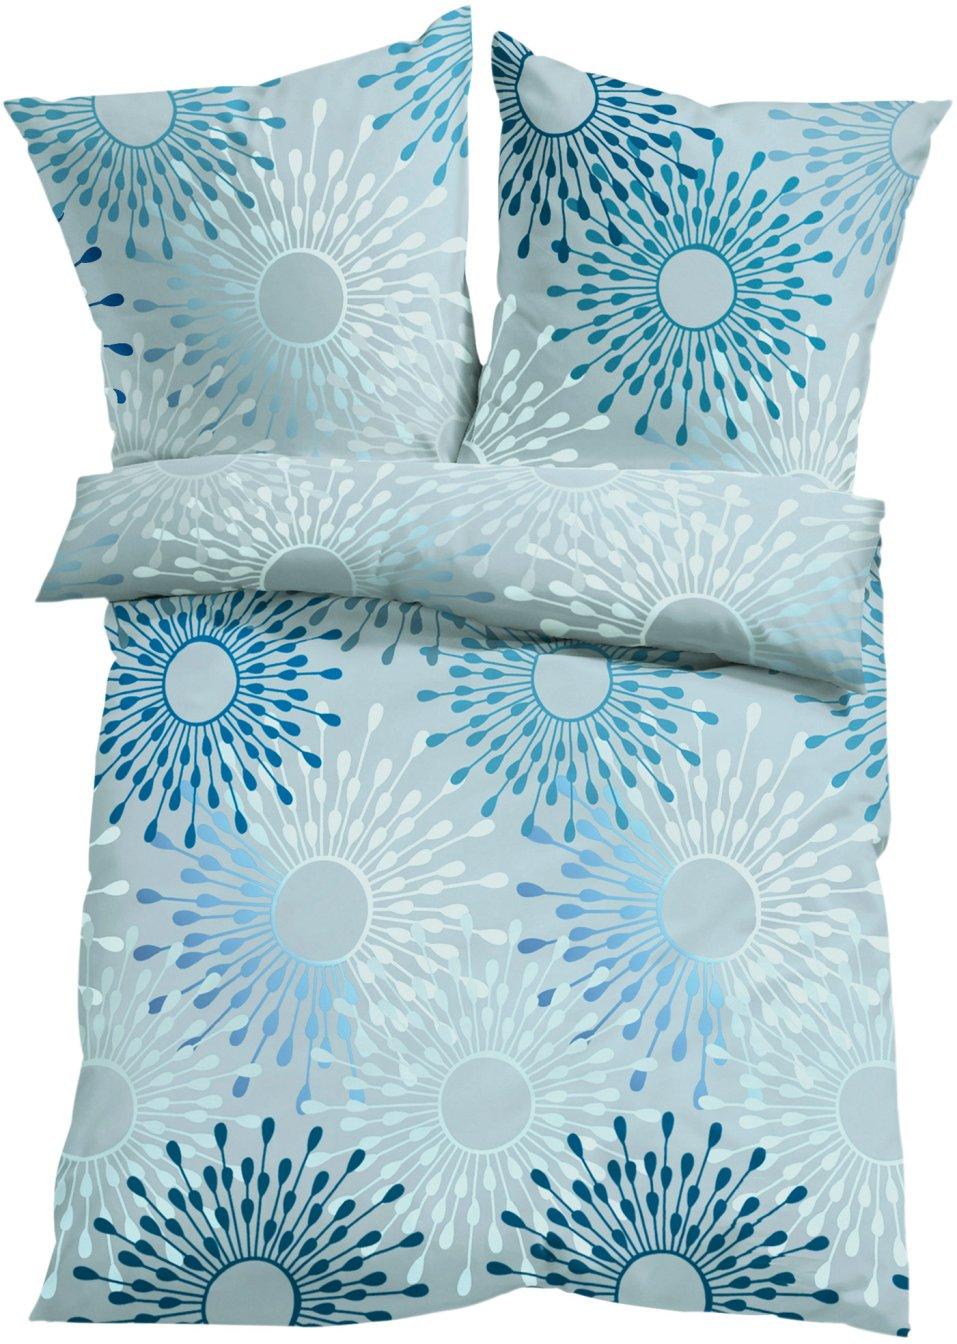 herrlich gem tlich bettw sche mit grafischem muster grau blau microfaser. Black Bedroom Furniture Sets. Home Design Ideas